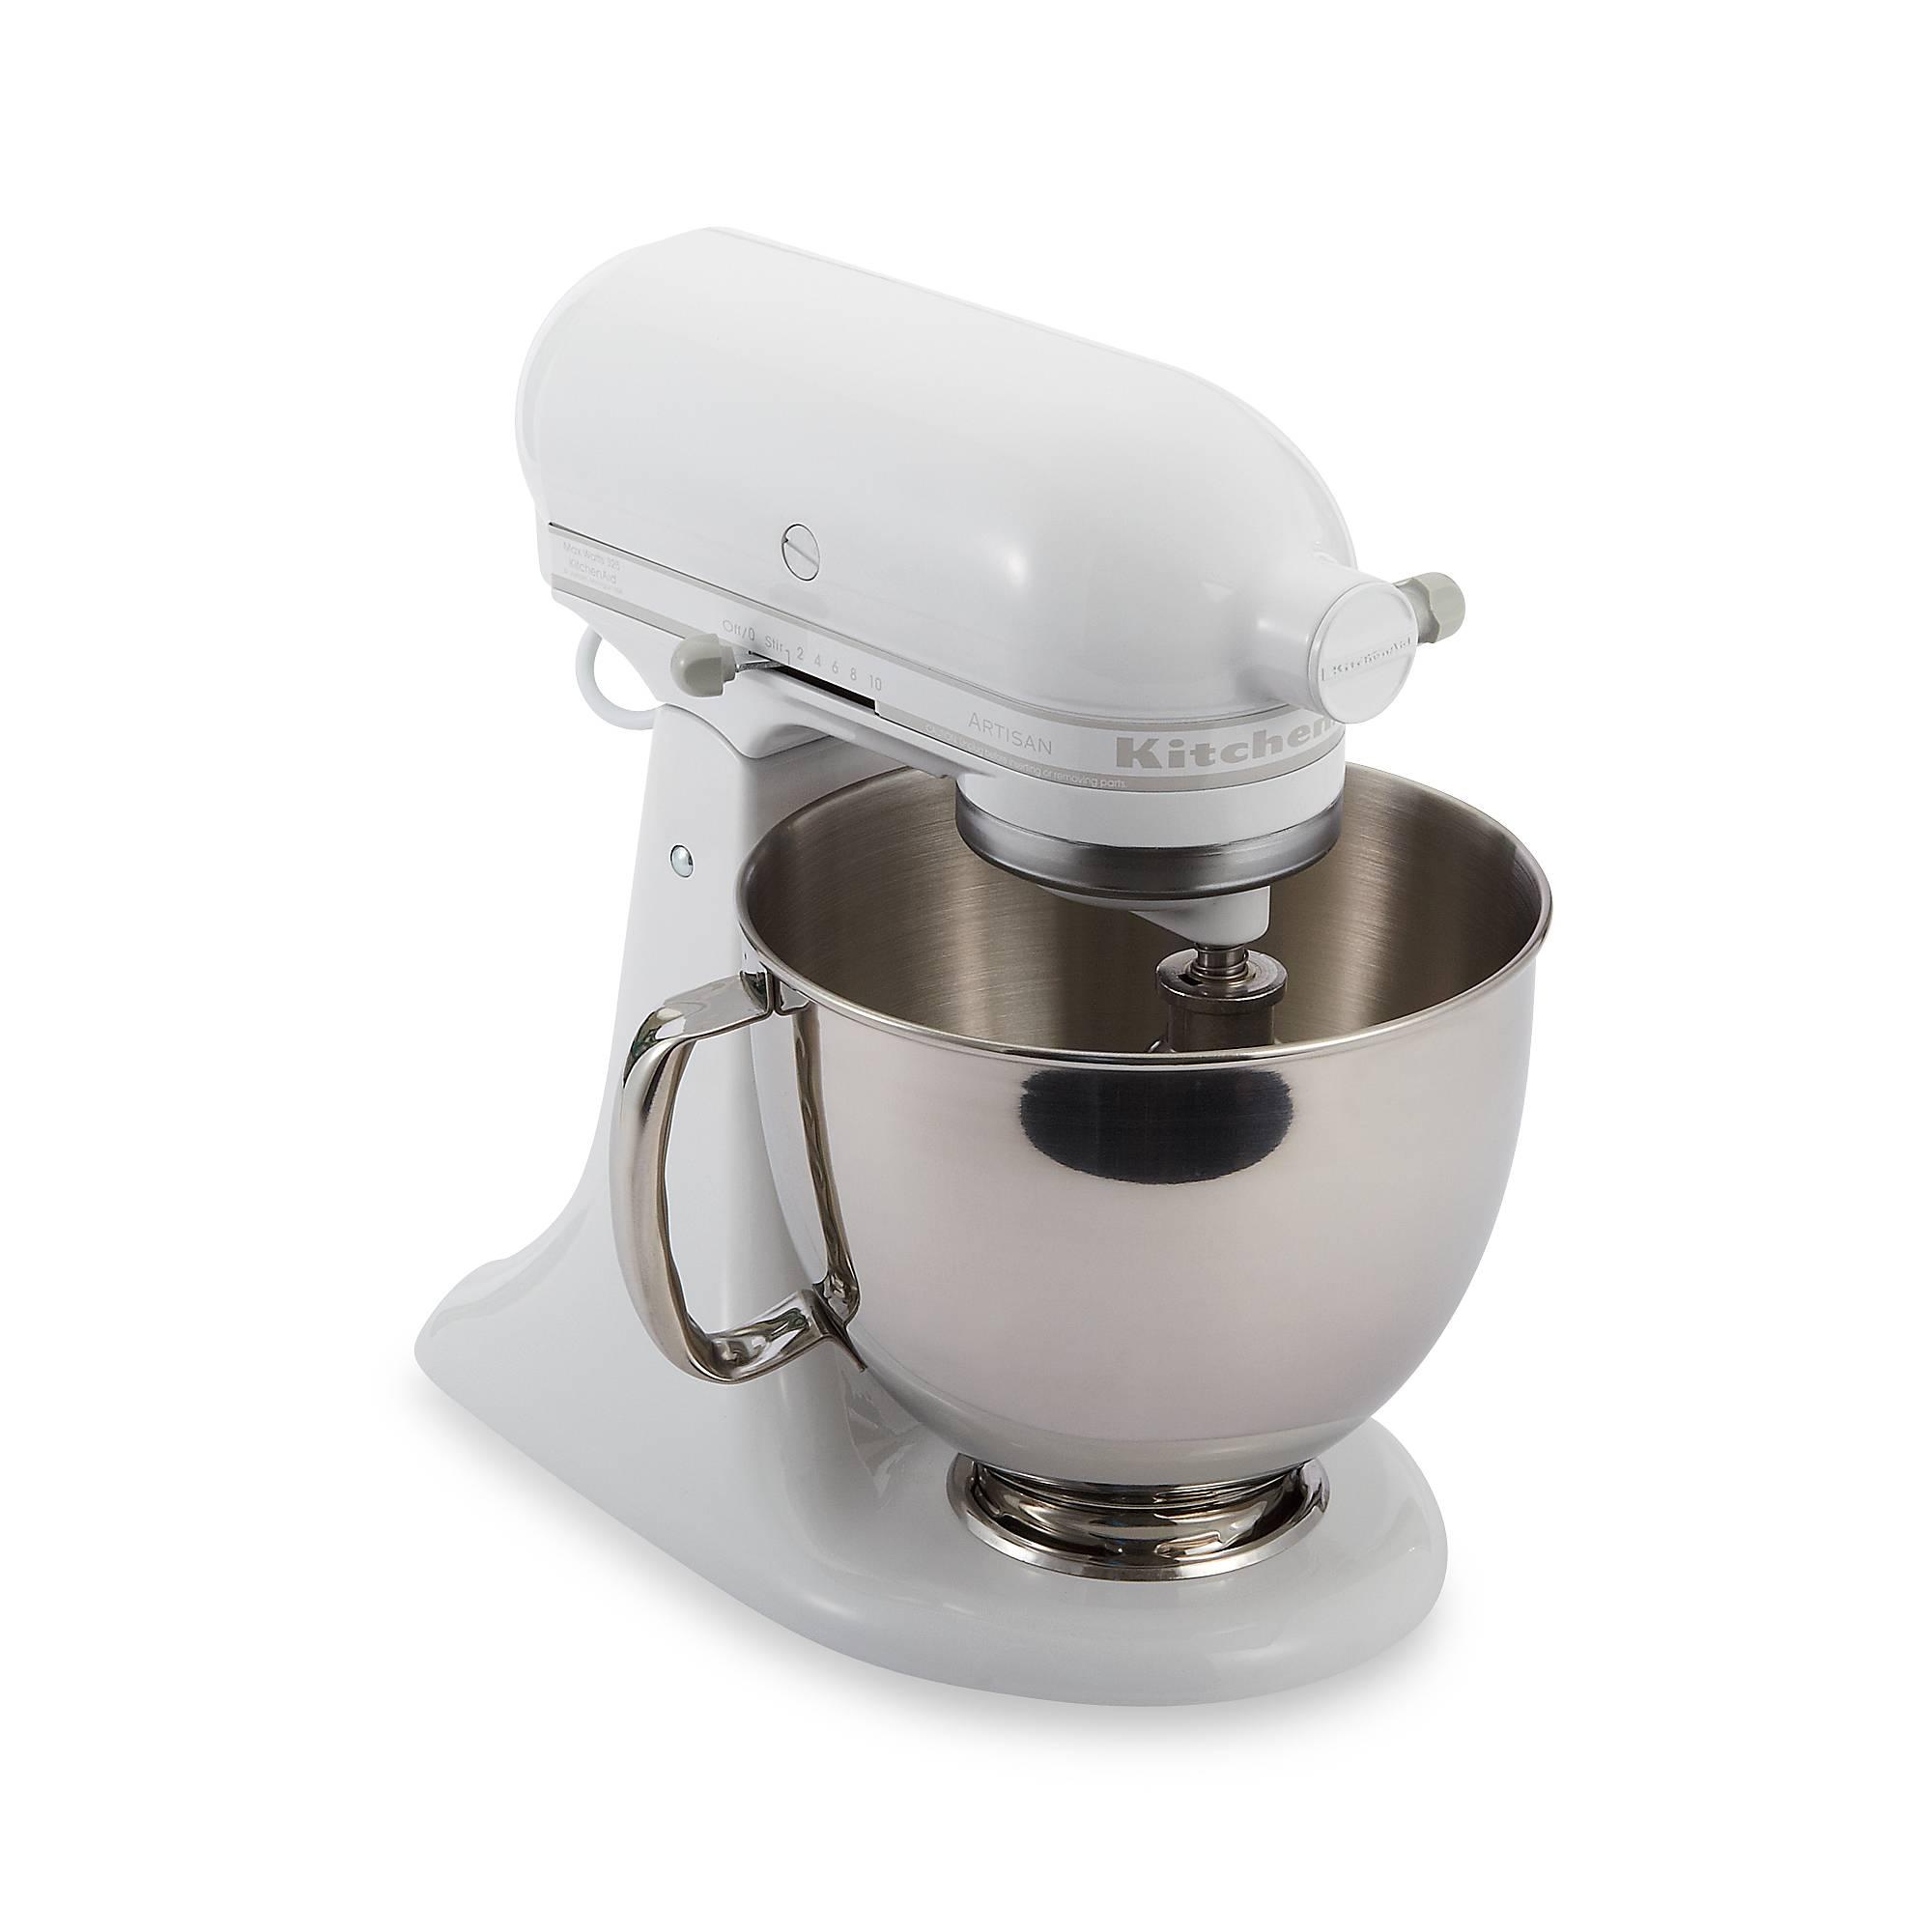 Kitchenaid Reg Artisan Reg 5 Qt Stand Mixer In White White